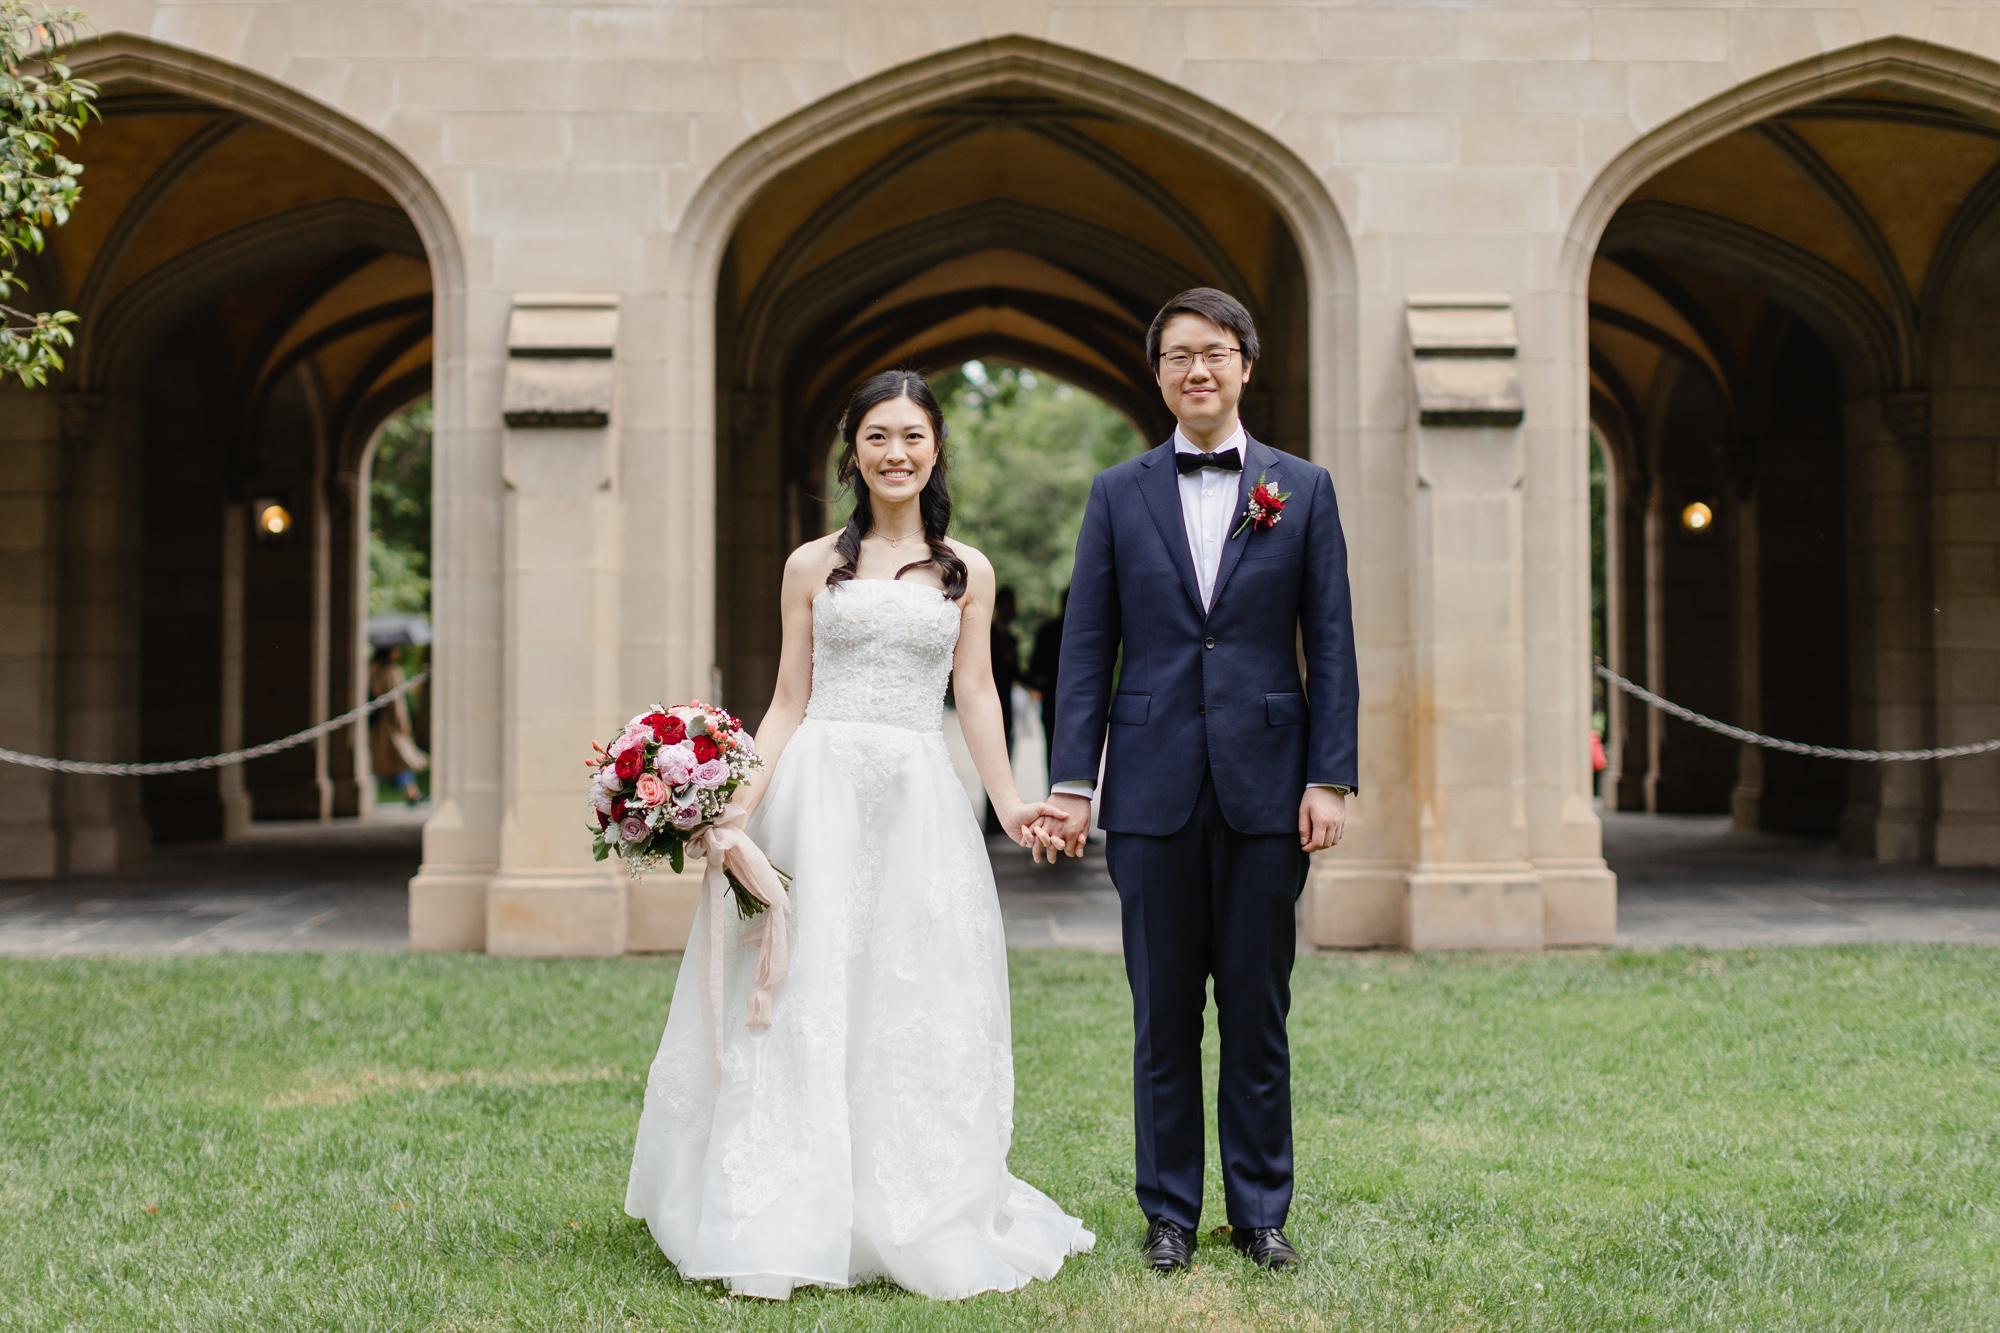 Folkstone-JW-Wedding-Web-35.JPG